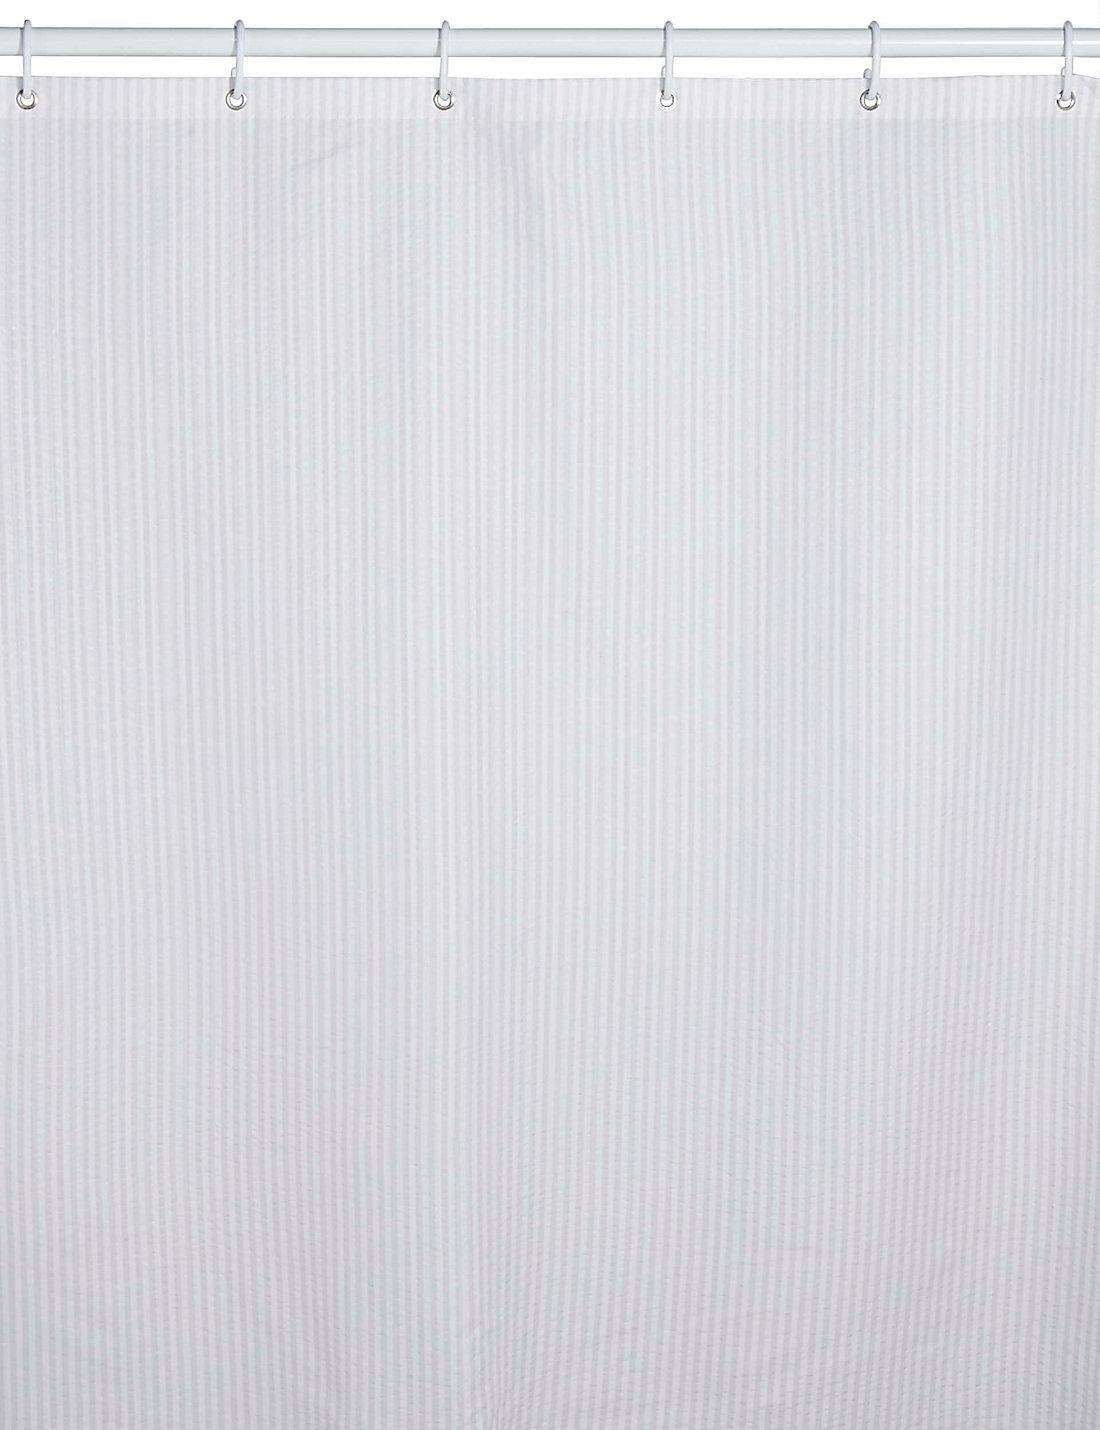 Elegant Pinstripe Seersucker Shower Curtain